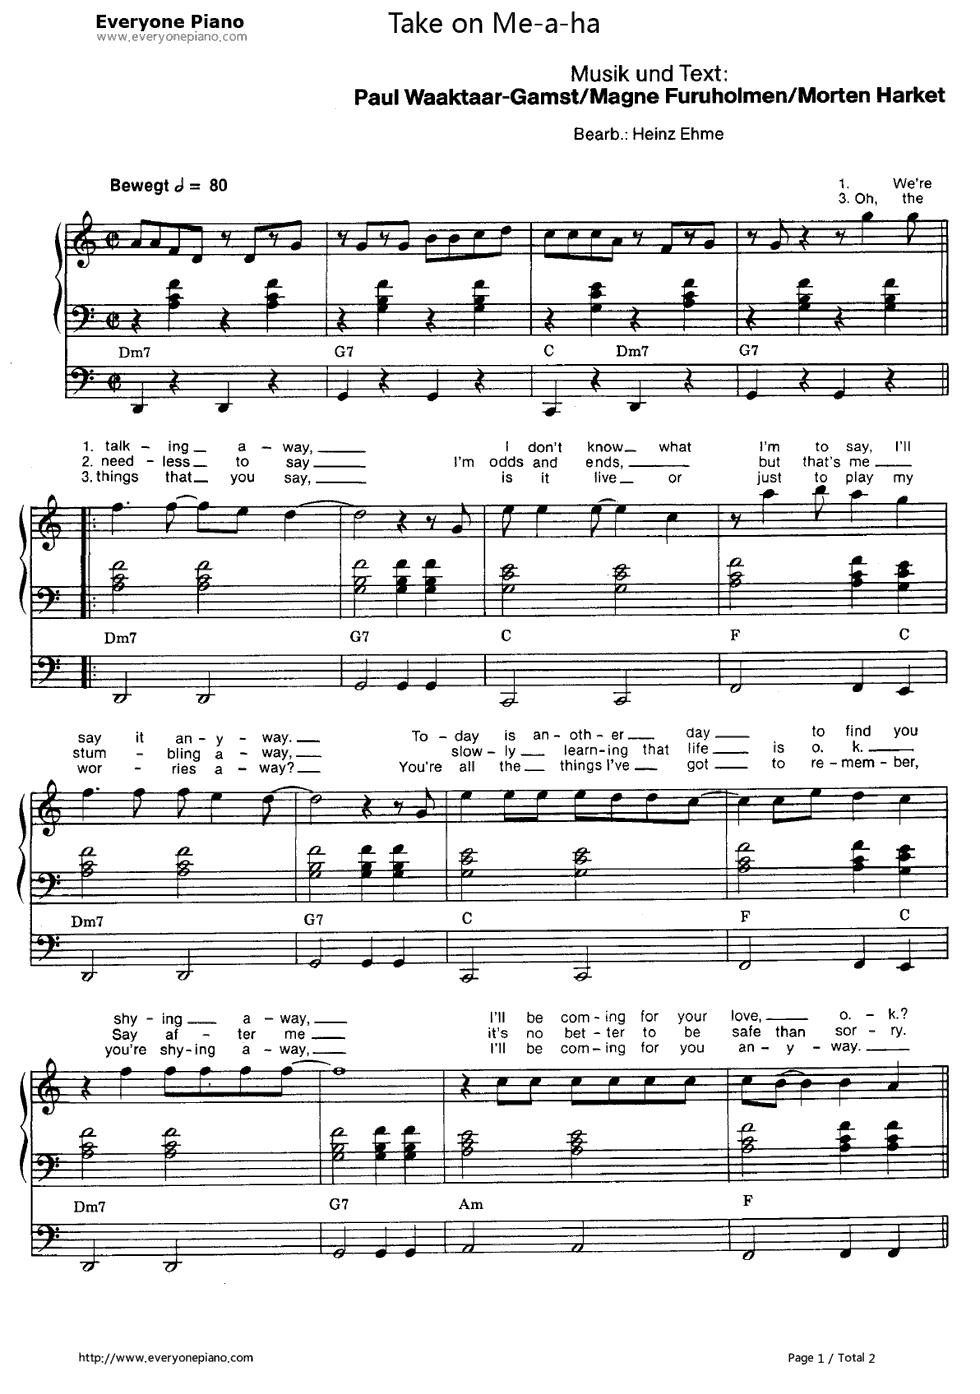 钢琴曲谱 流行 take on me-a-ha take on me-a-ha五线谱预览1  }